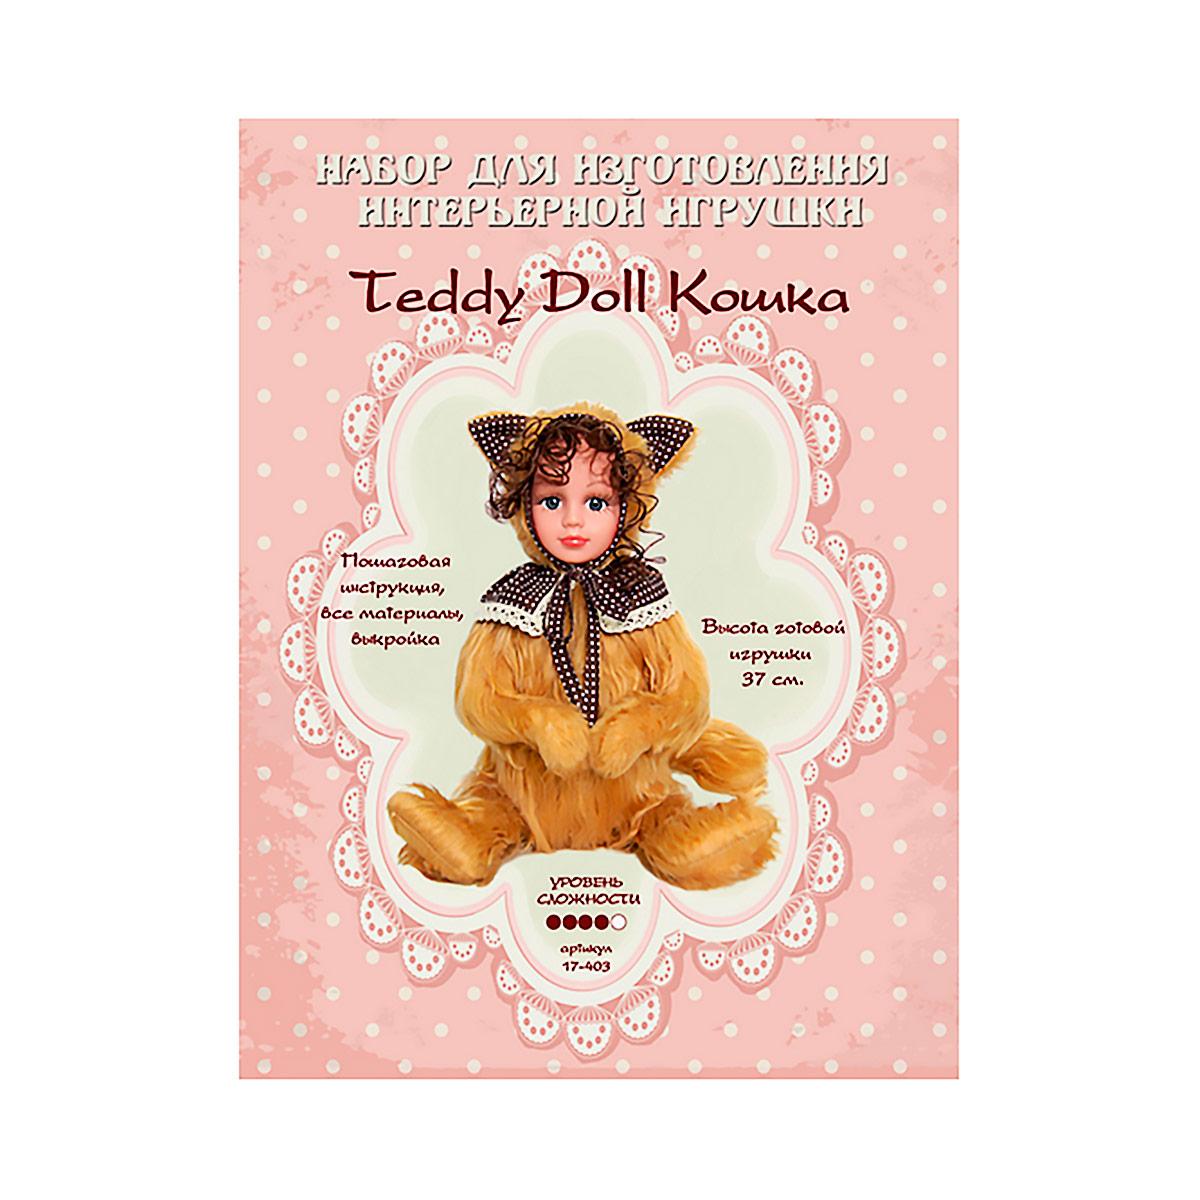 17-403 Набор для изготовления интерьерной игрушки 'Кошка' 37 см